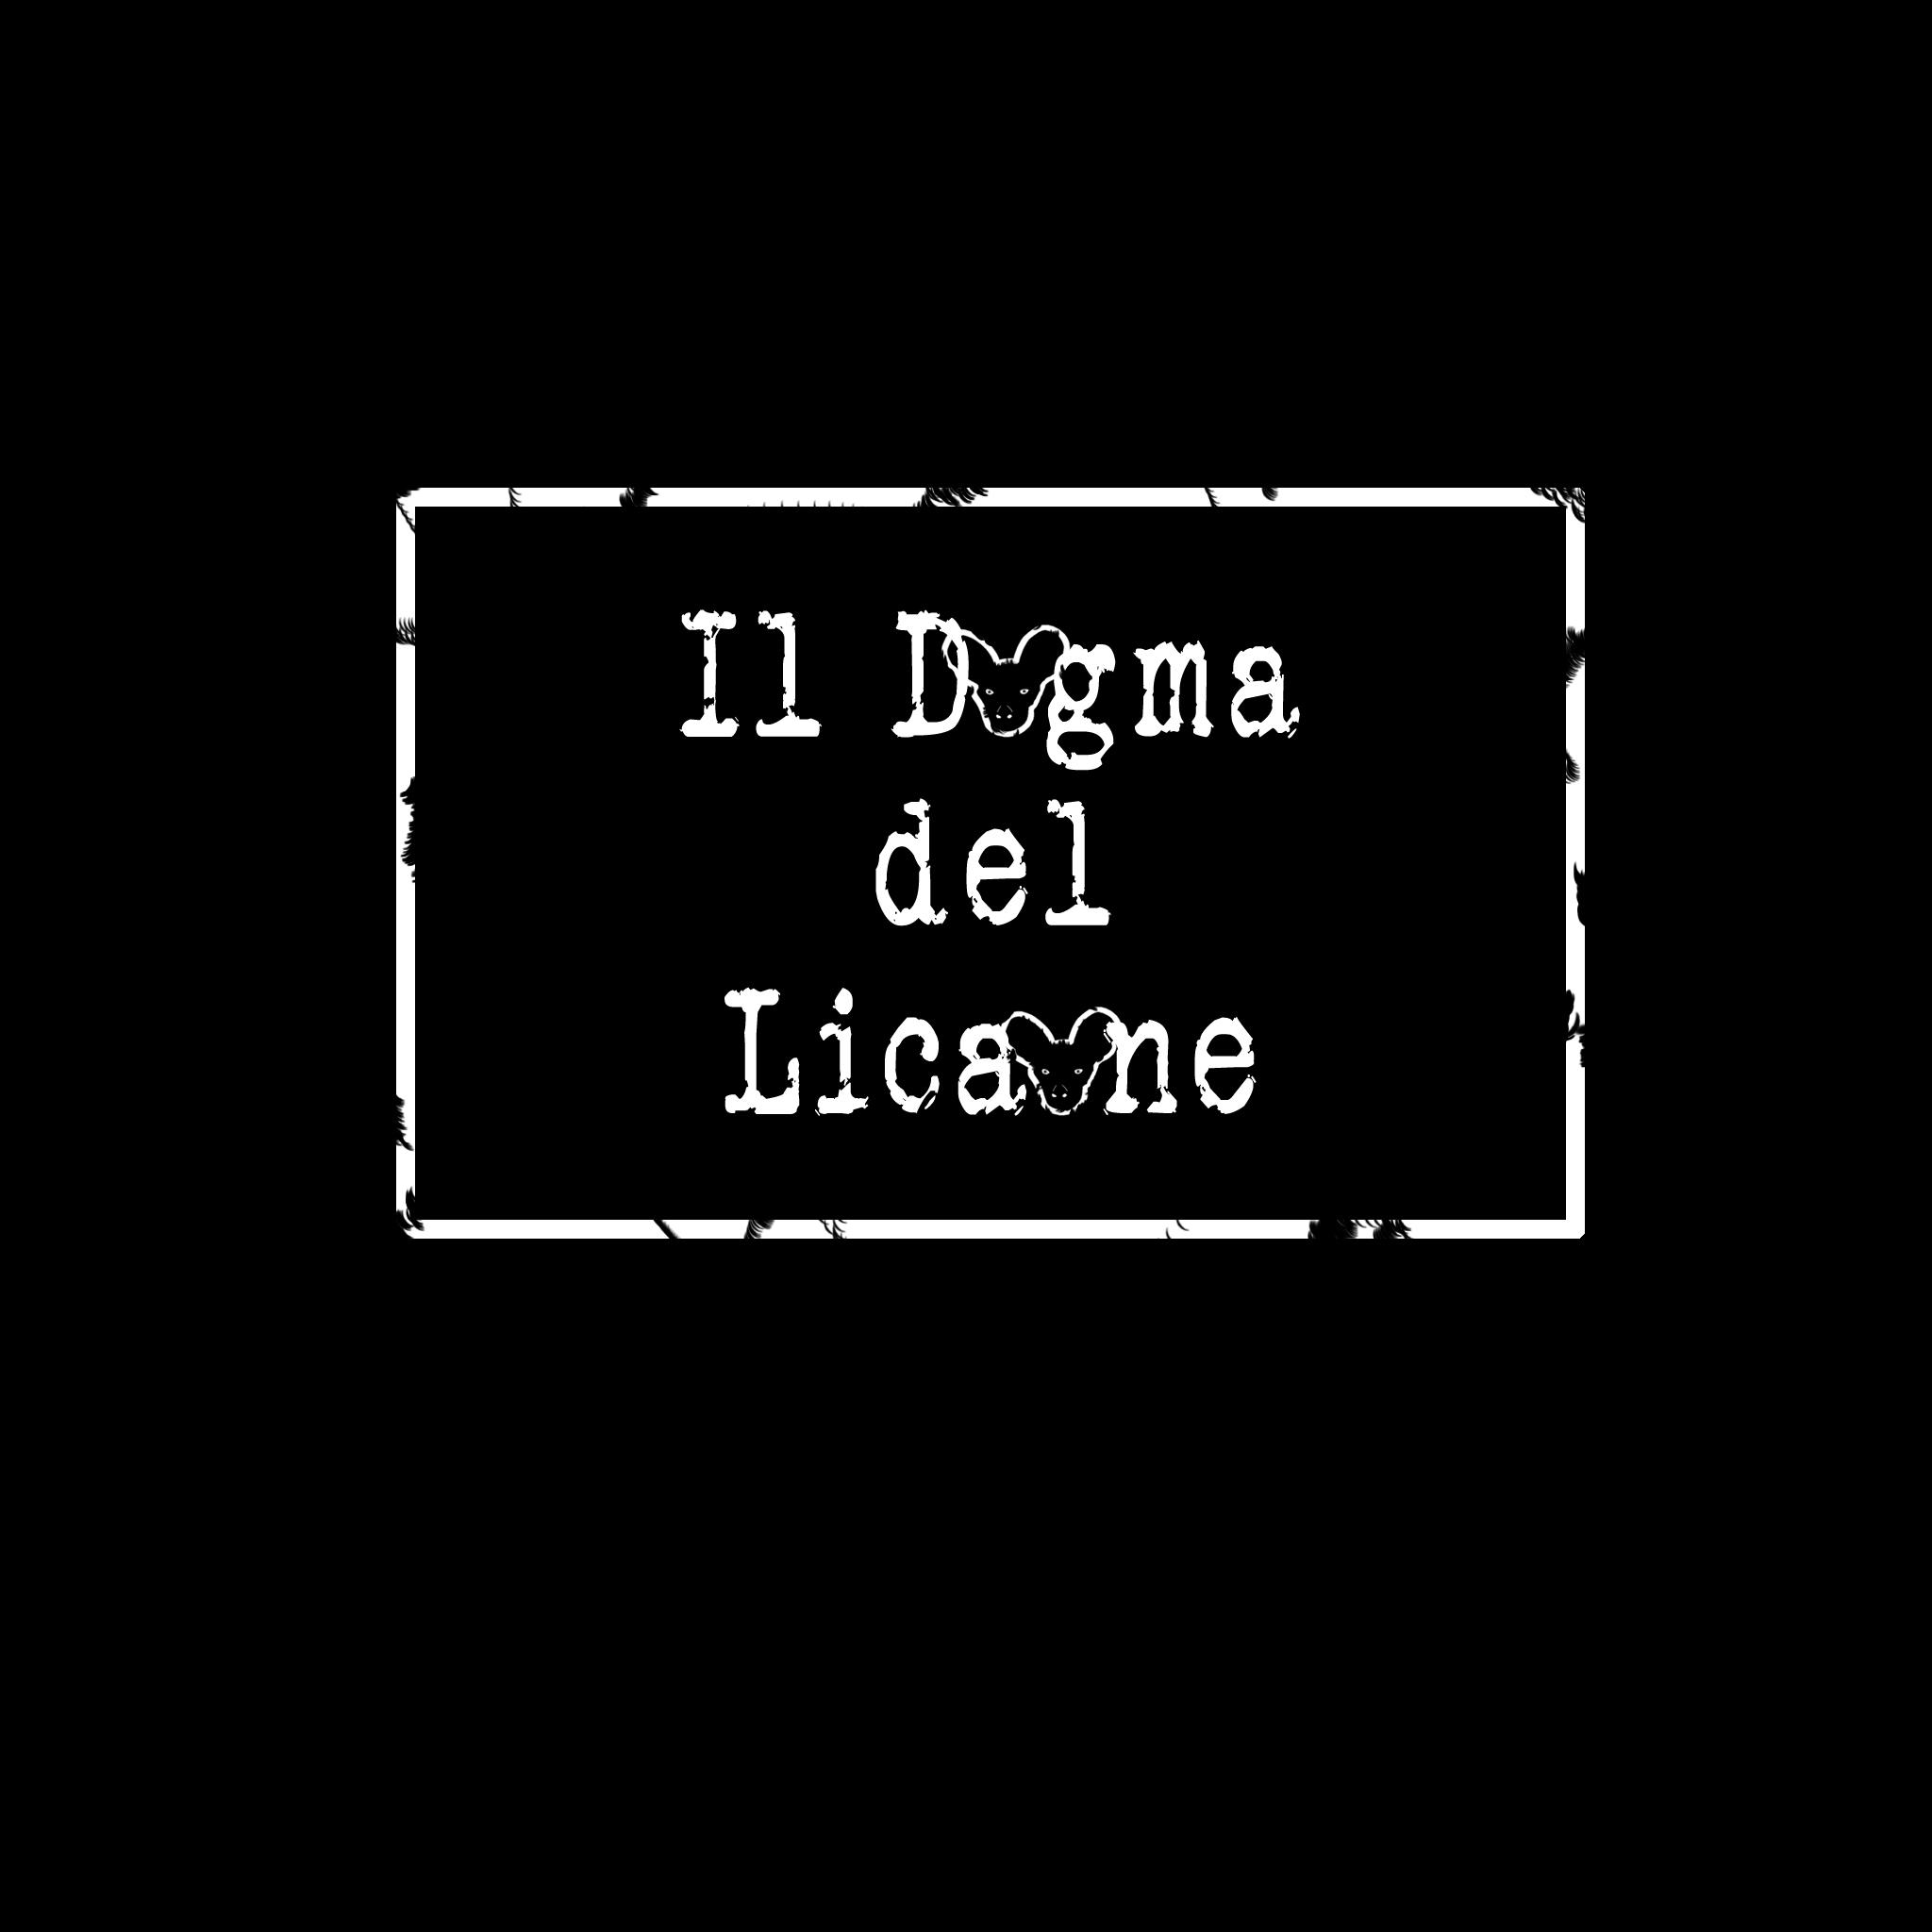 Il dogma del Licaone